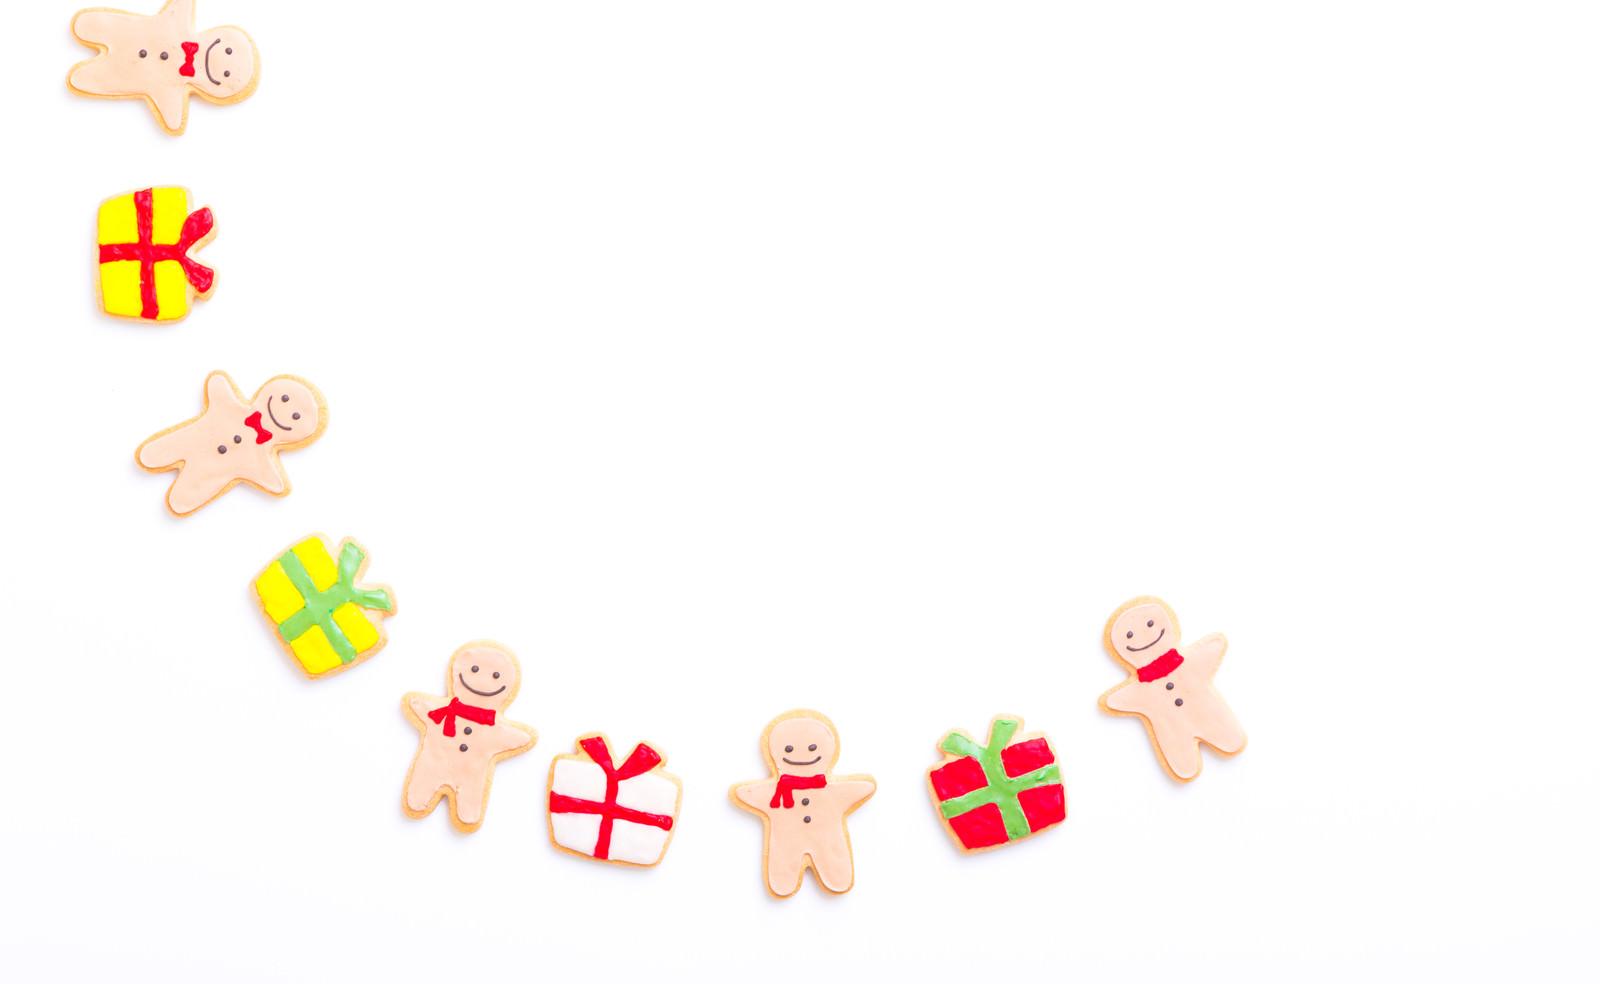 「みんなのでプレゼント交換(アイシングクッキー)」の写真